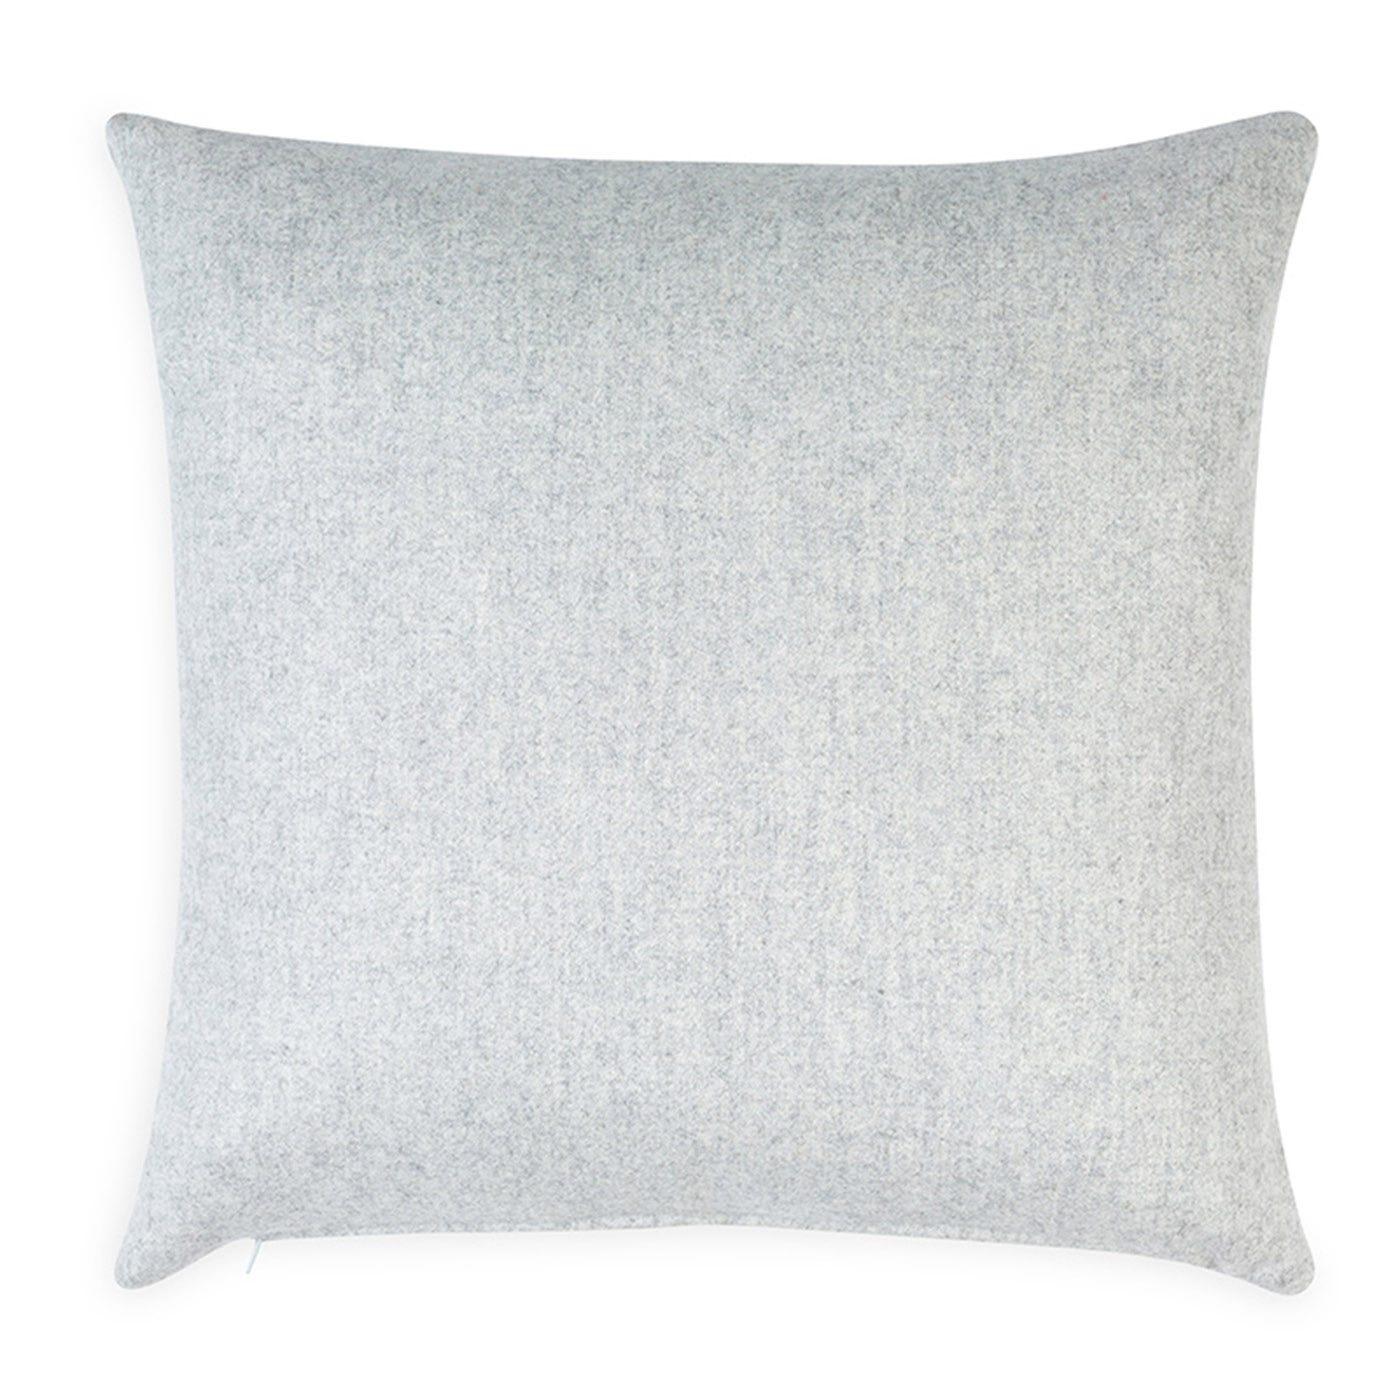 Islington Wool Cushion Grey 45 x 45cm